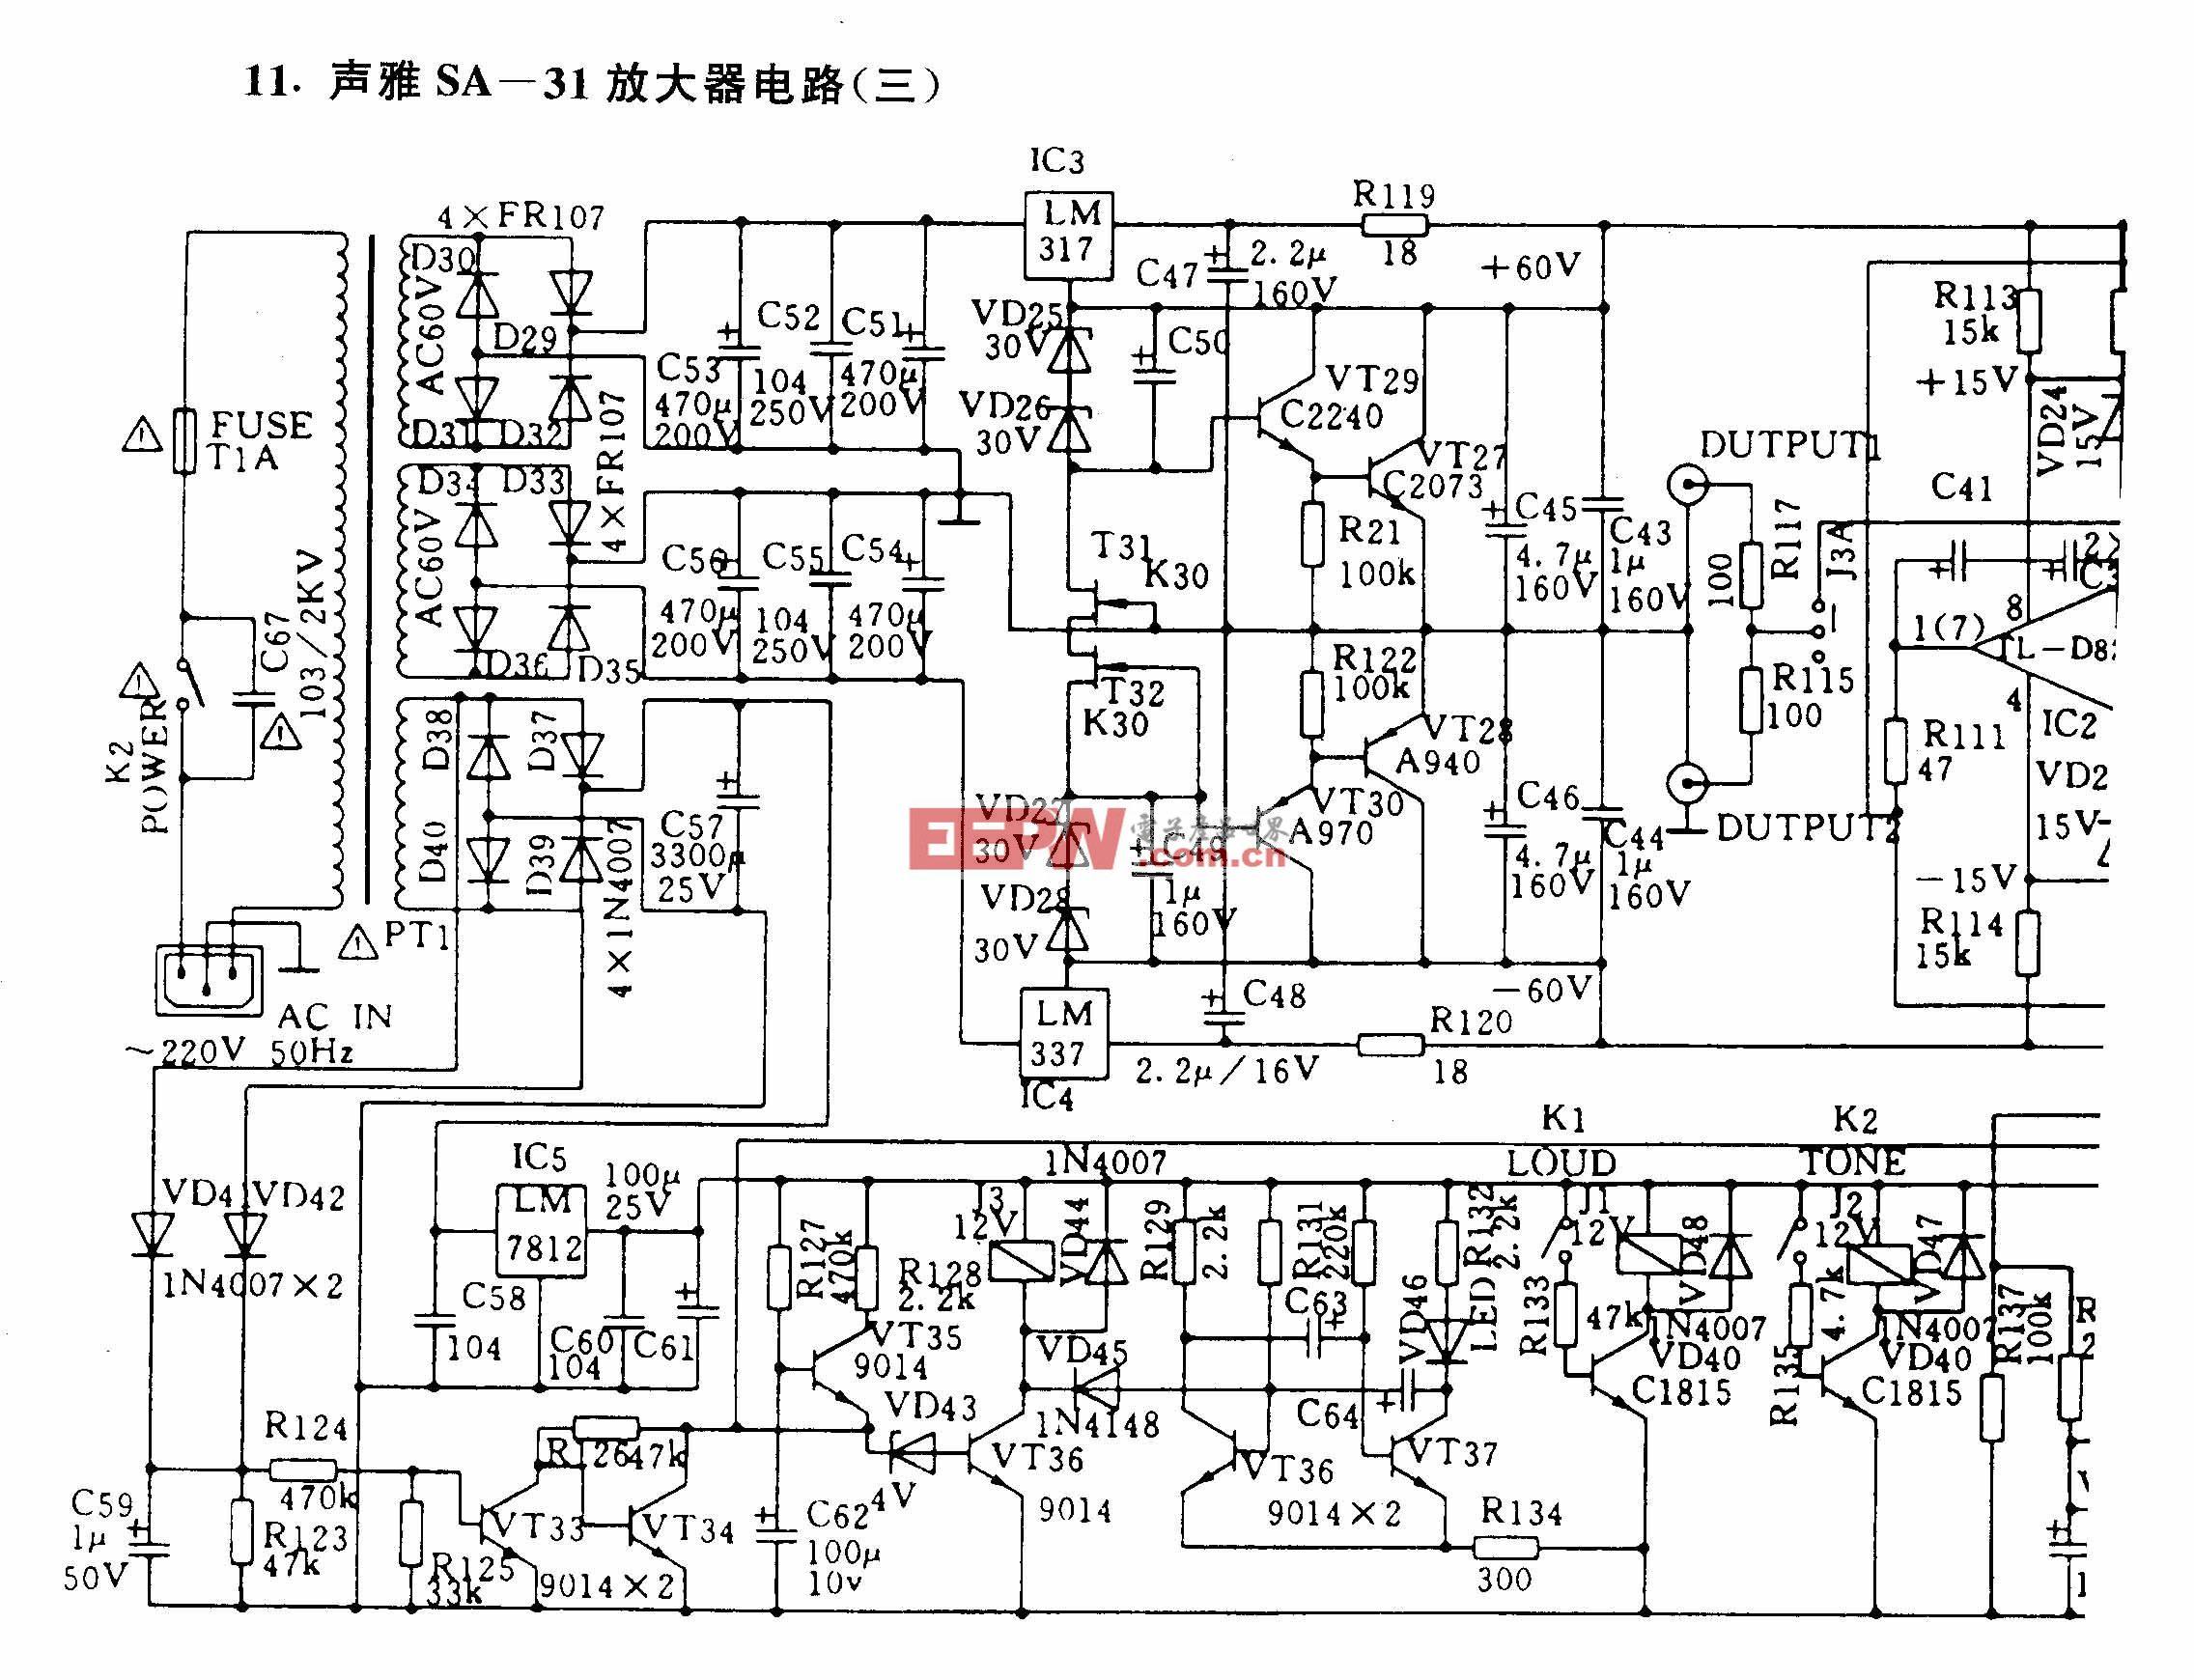 声雅SA-31放大器电路(三)